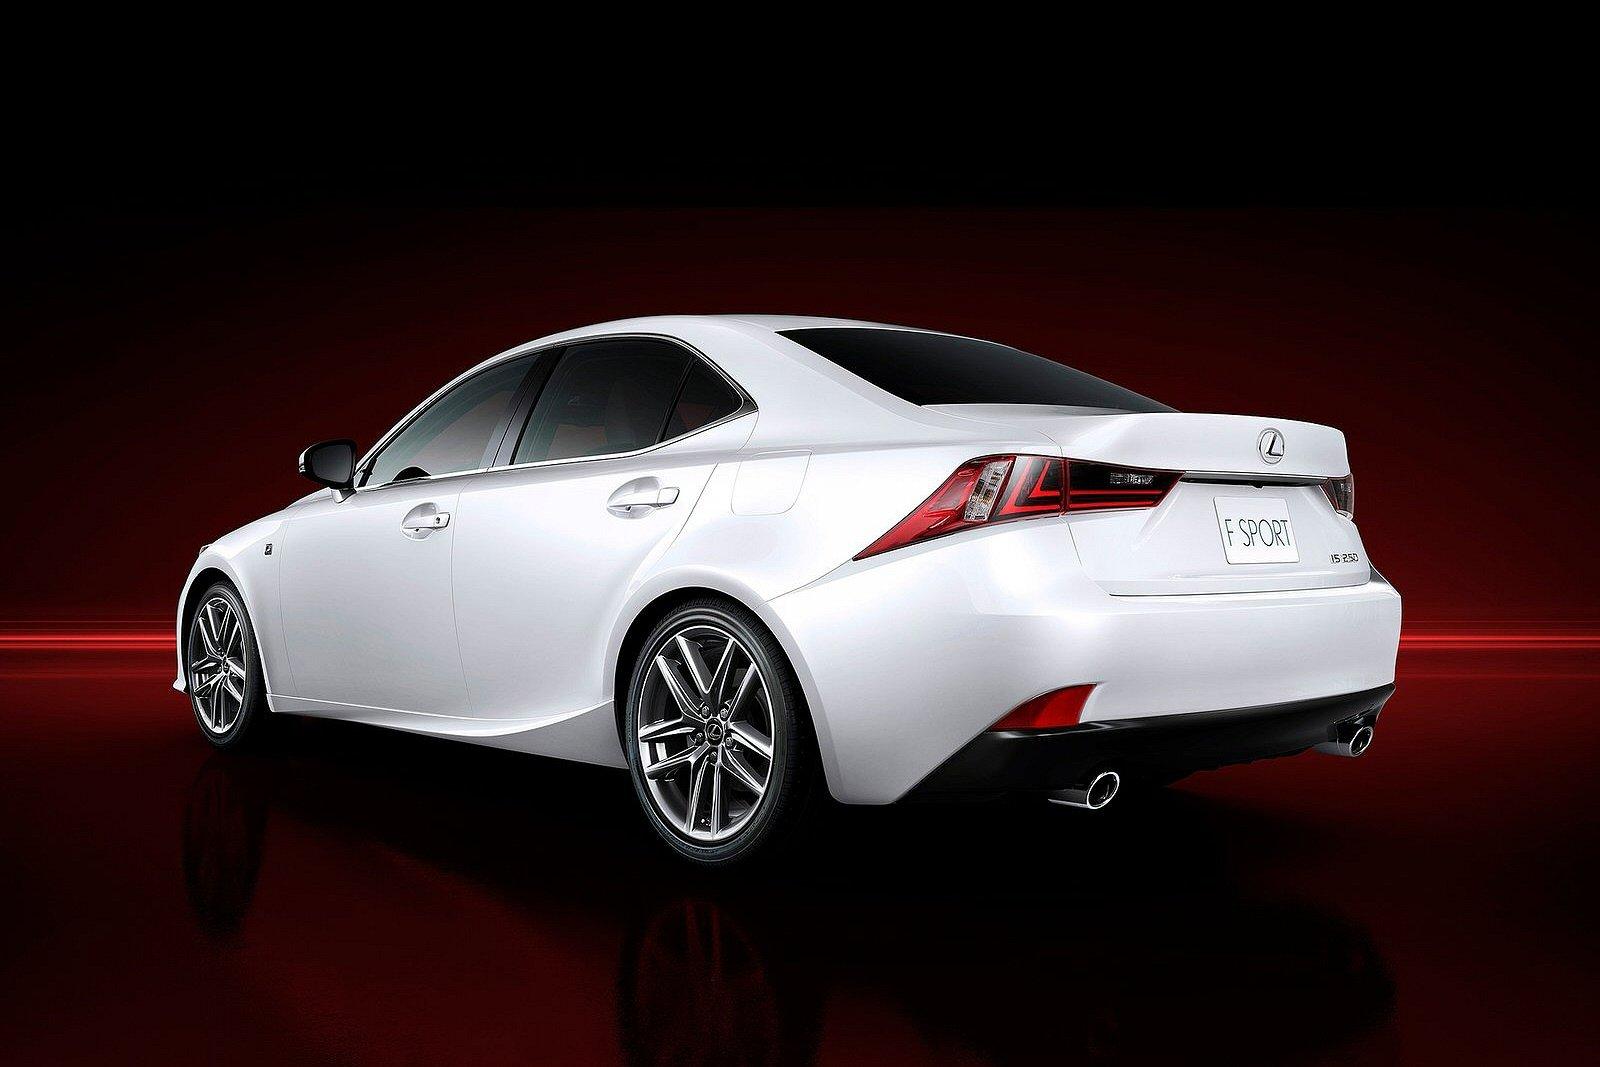 rear view of 2014 Lexus IS